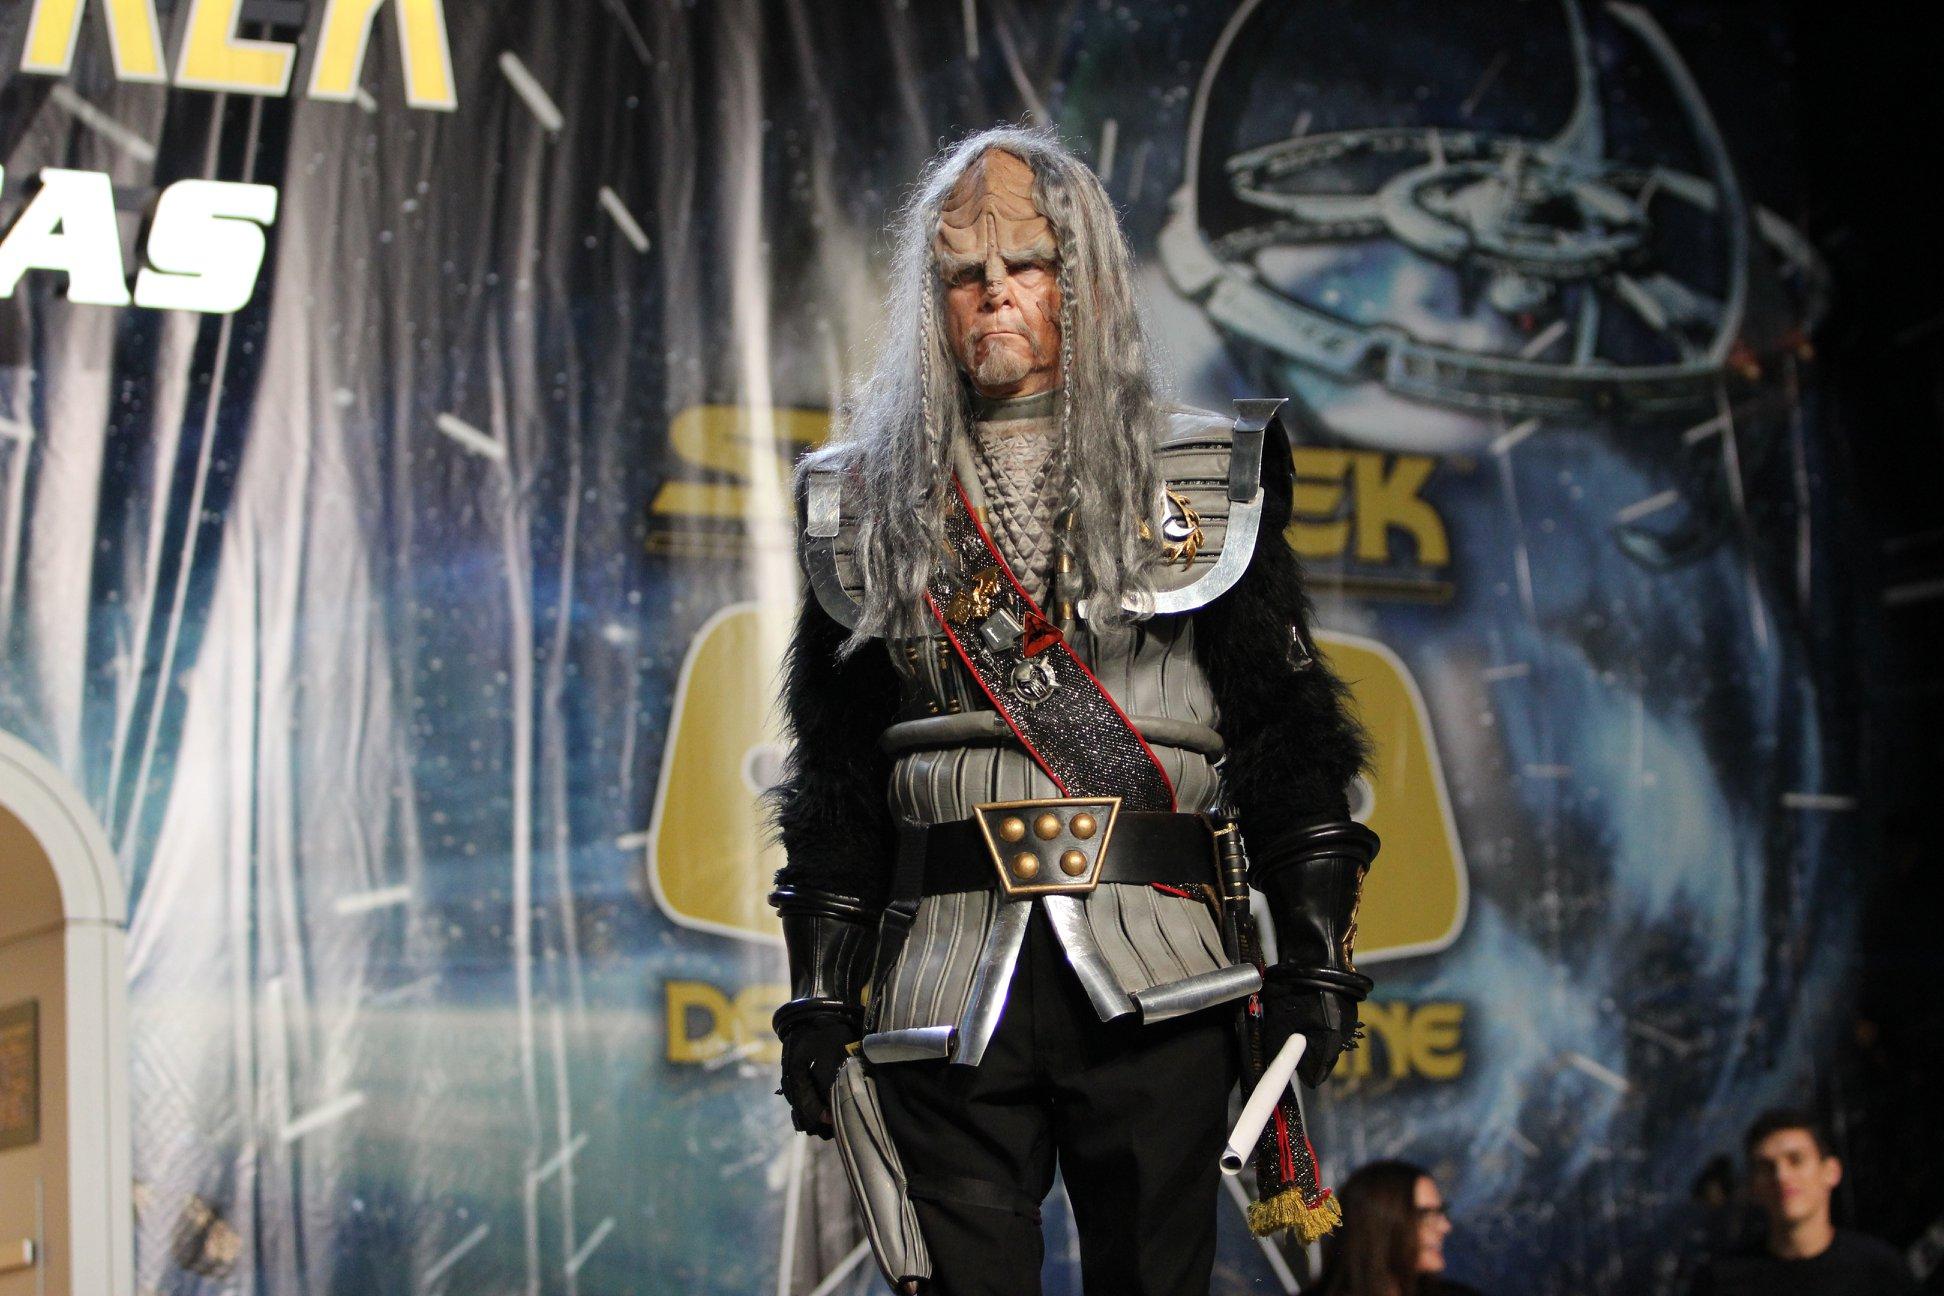 Egy klingon a TNG-ből (régi szép idők...)